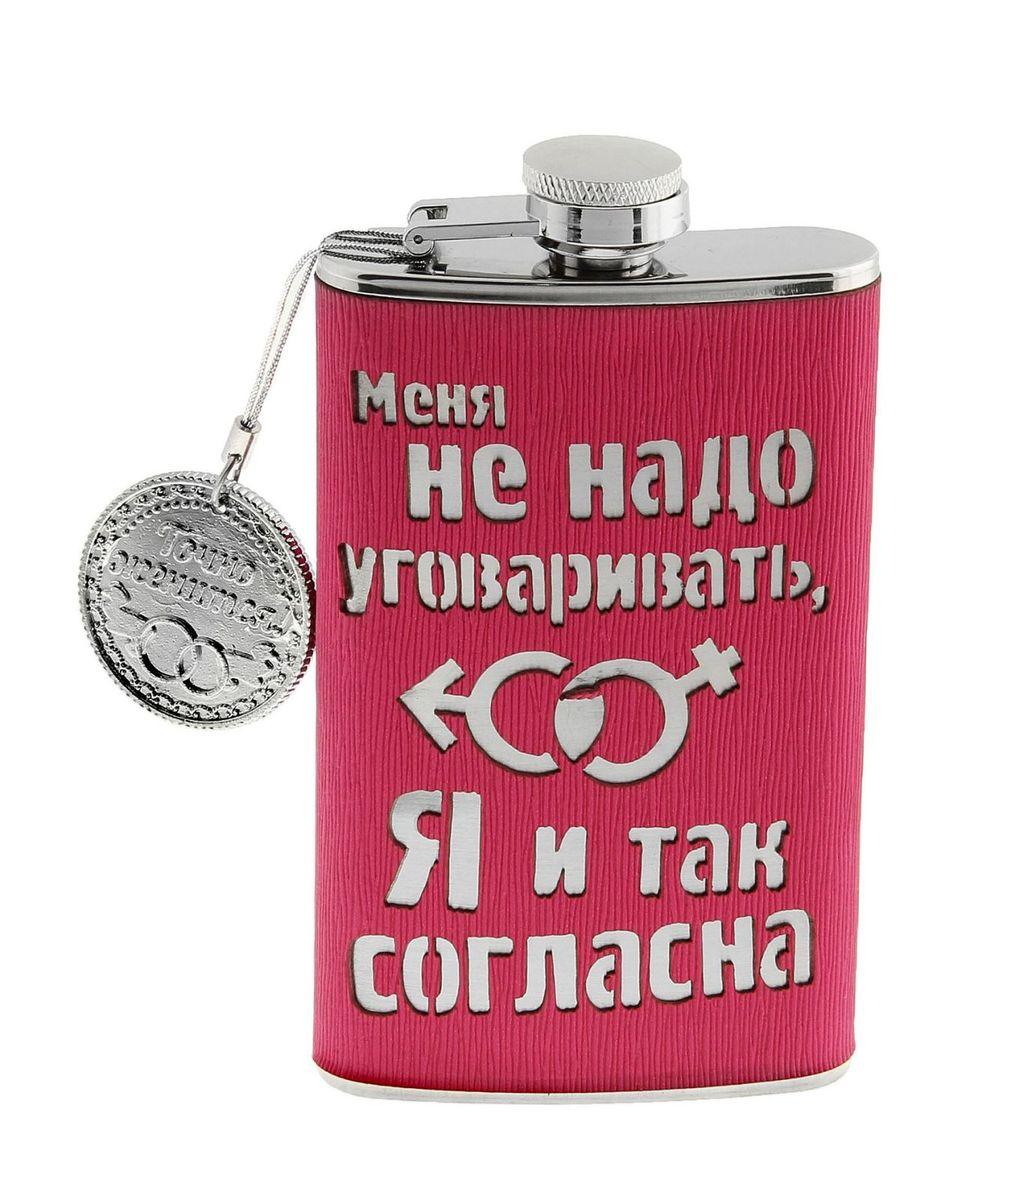 Фляжка Sima-land Меня не надо уговаривать, 180 мл747419Никто не знает, что хранится в маленькой женской сумочке. Но в ней всегда найдется место для еще одного секрета - фляжки!Фляжка Меня не надо уговаривать изготовлена из металла, её очень приятно держать в руках. Приобретайте этот стильный аксессуар - ведь у каждой женщины должен быть свой маленький каприз. Металлическая фляжка прослужит вам дольше, если ее споласкивать после каждого использования.Также вас ожидает приятный сюрприз - подвеска с монетой в подарок! Подкинув монету, вы сможете получить ответы на самые каверзные вопросы.